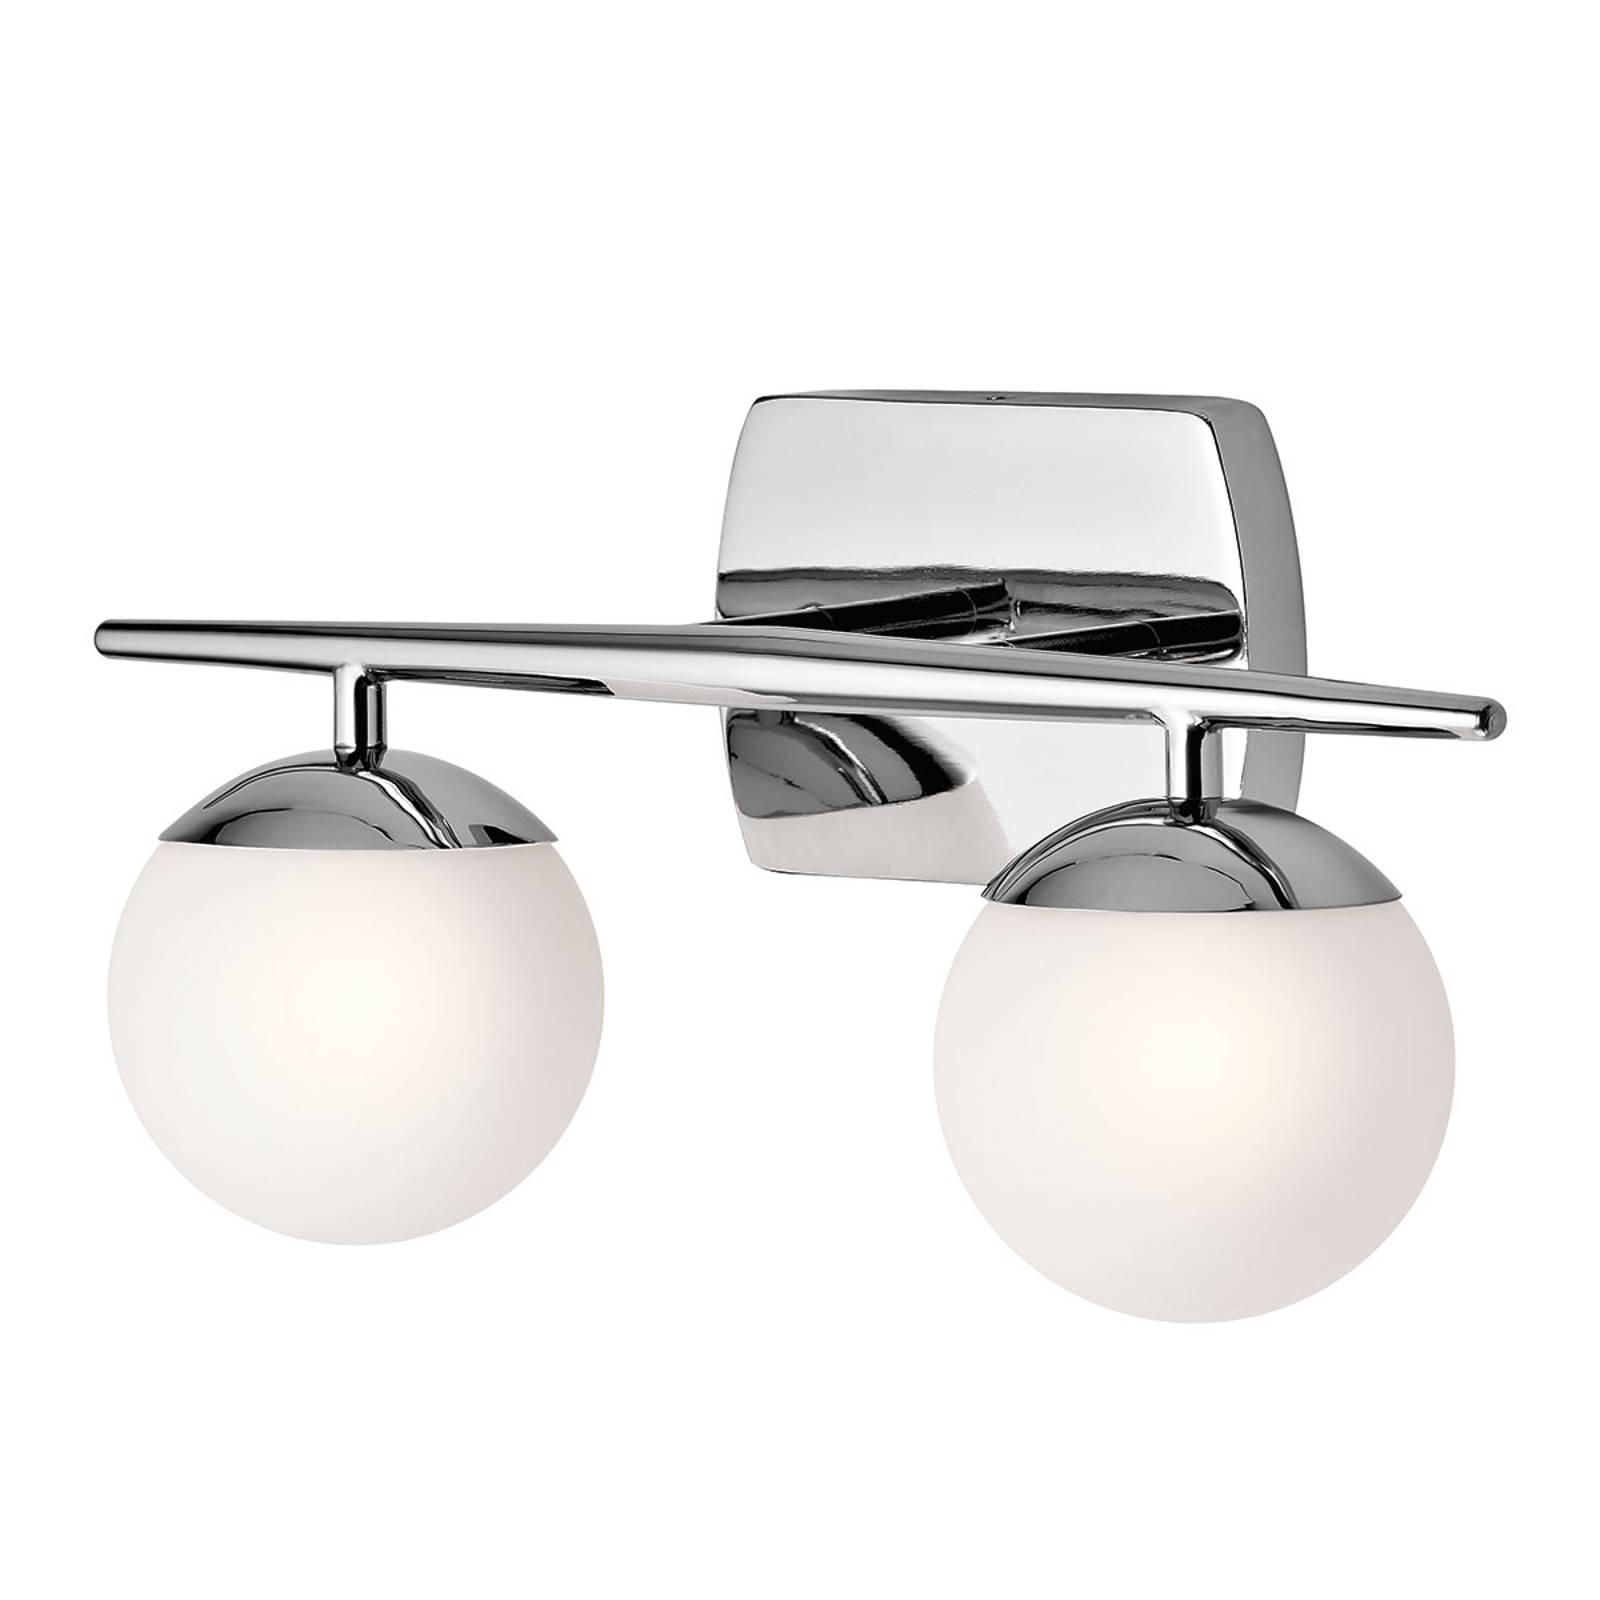 Jasper -kylpyhuoneen LED-seinävalaisin, 2 lamppua